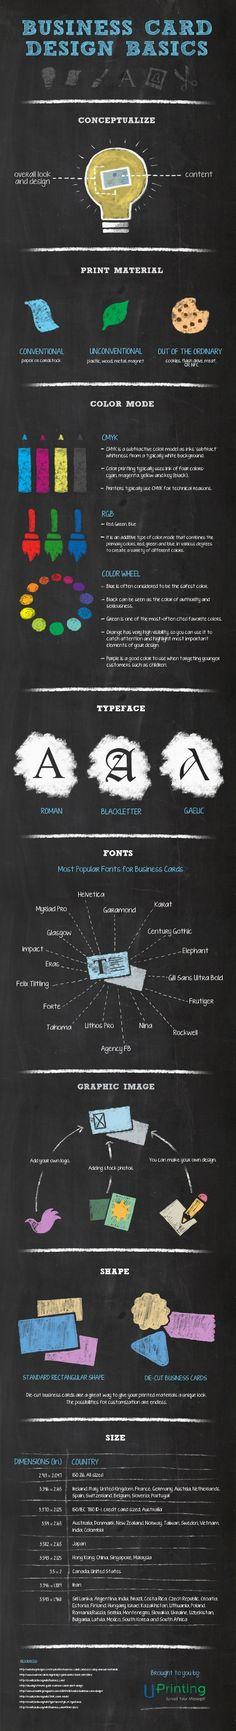 http://editorial.designtaxi.com/news-businesscarddesign300913/bigimage.jpg